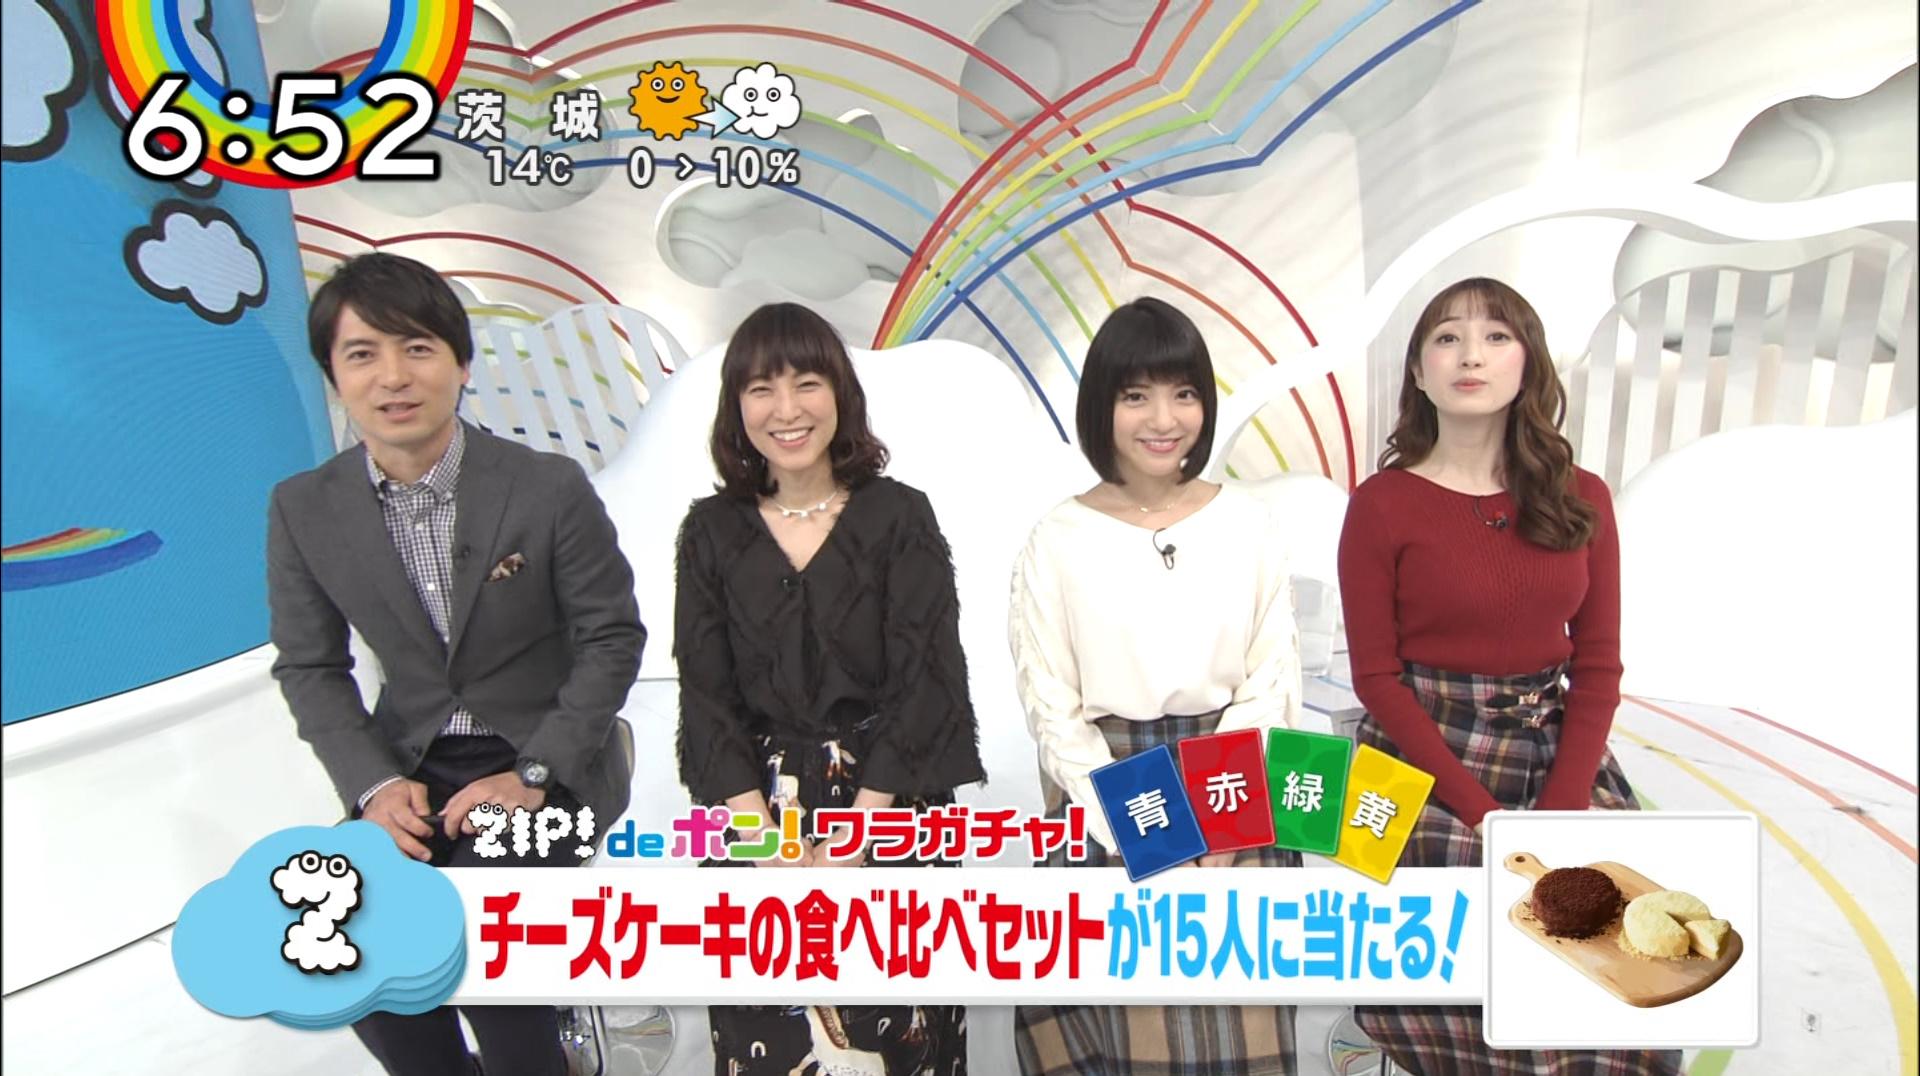 2018年11月30日日テレ「ZIP!」・團遥香さんの画像-015